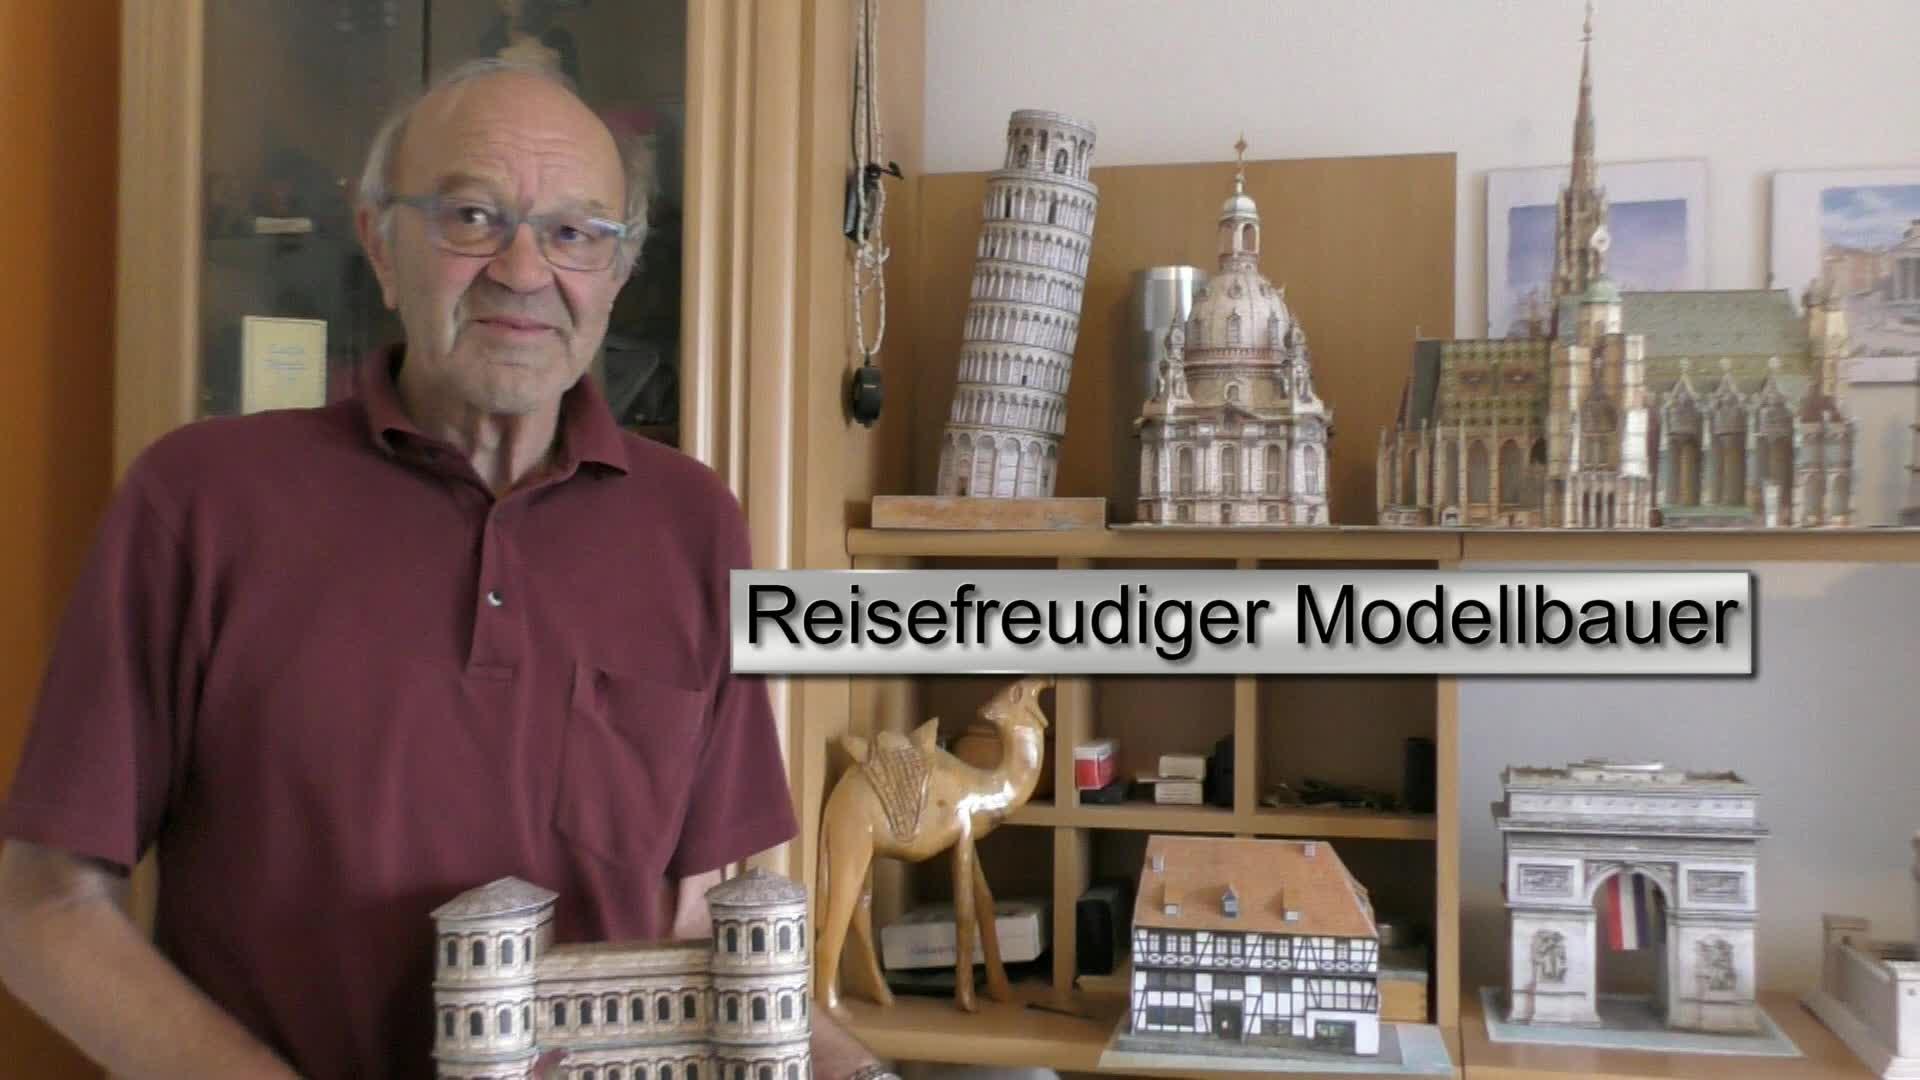 Reisefreudiger Modellbauer